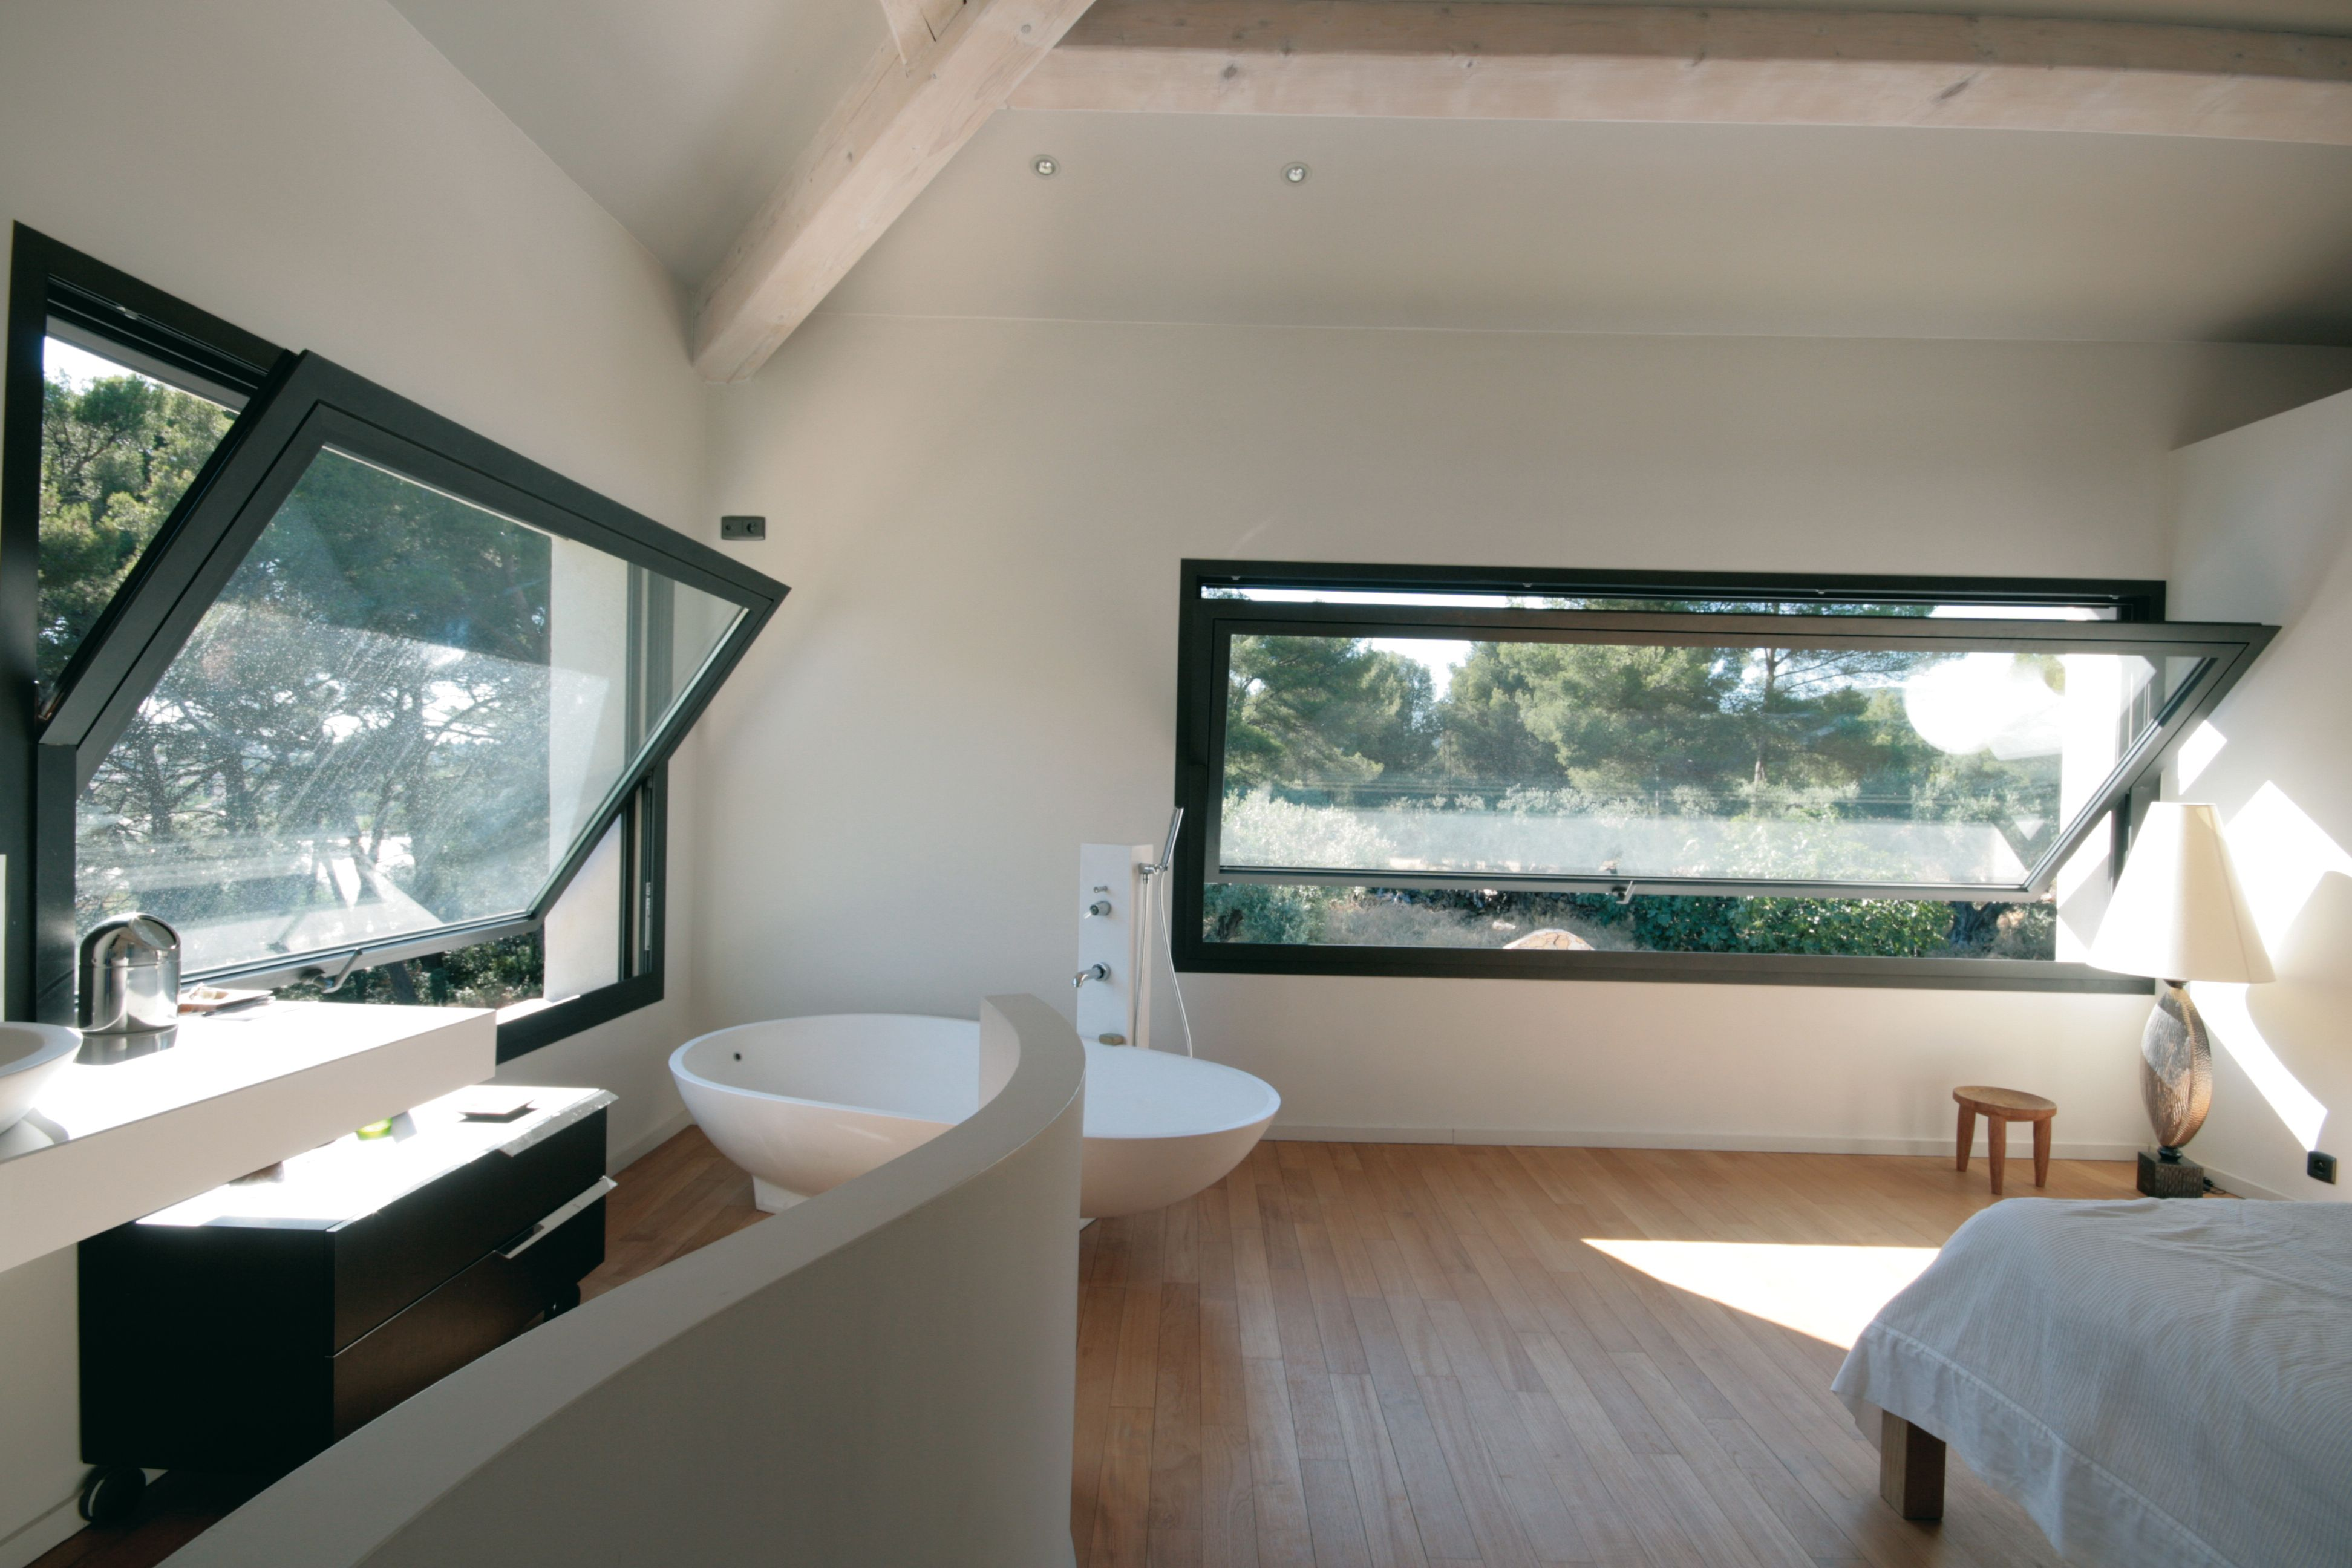 Suite parentale avec salle de bain design grande ouverture en aluminium noir baignoire design - Fenetre salle de bain ...